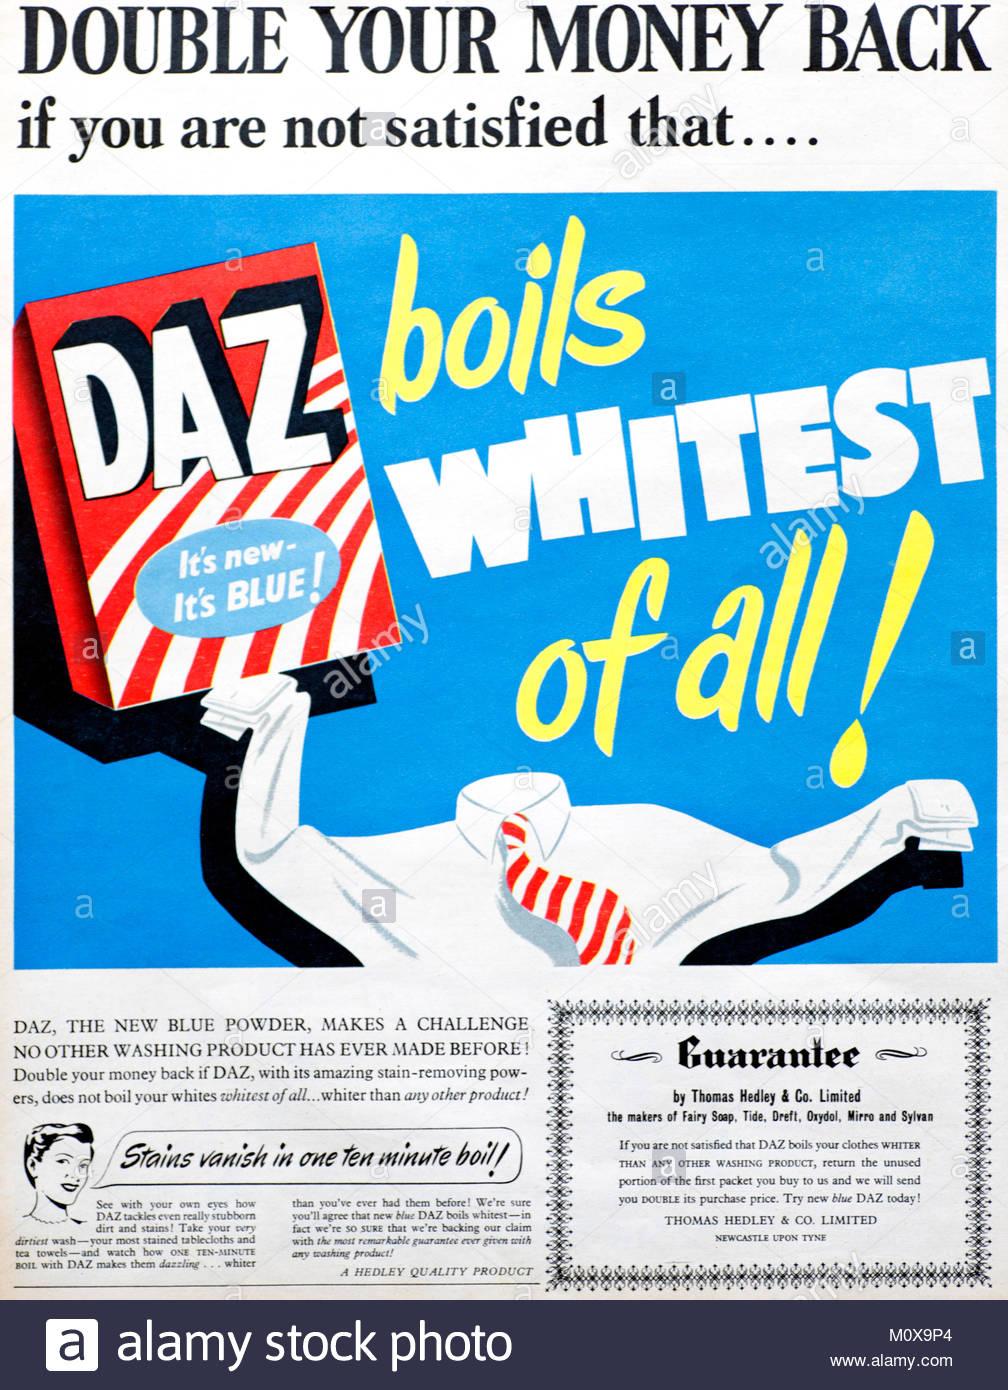 Daz Stock Photos & Daz Stock Images - Alamy